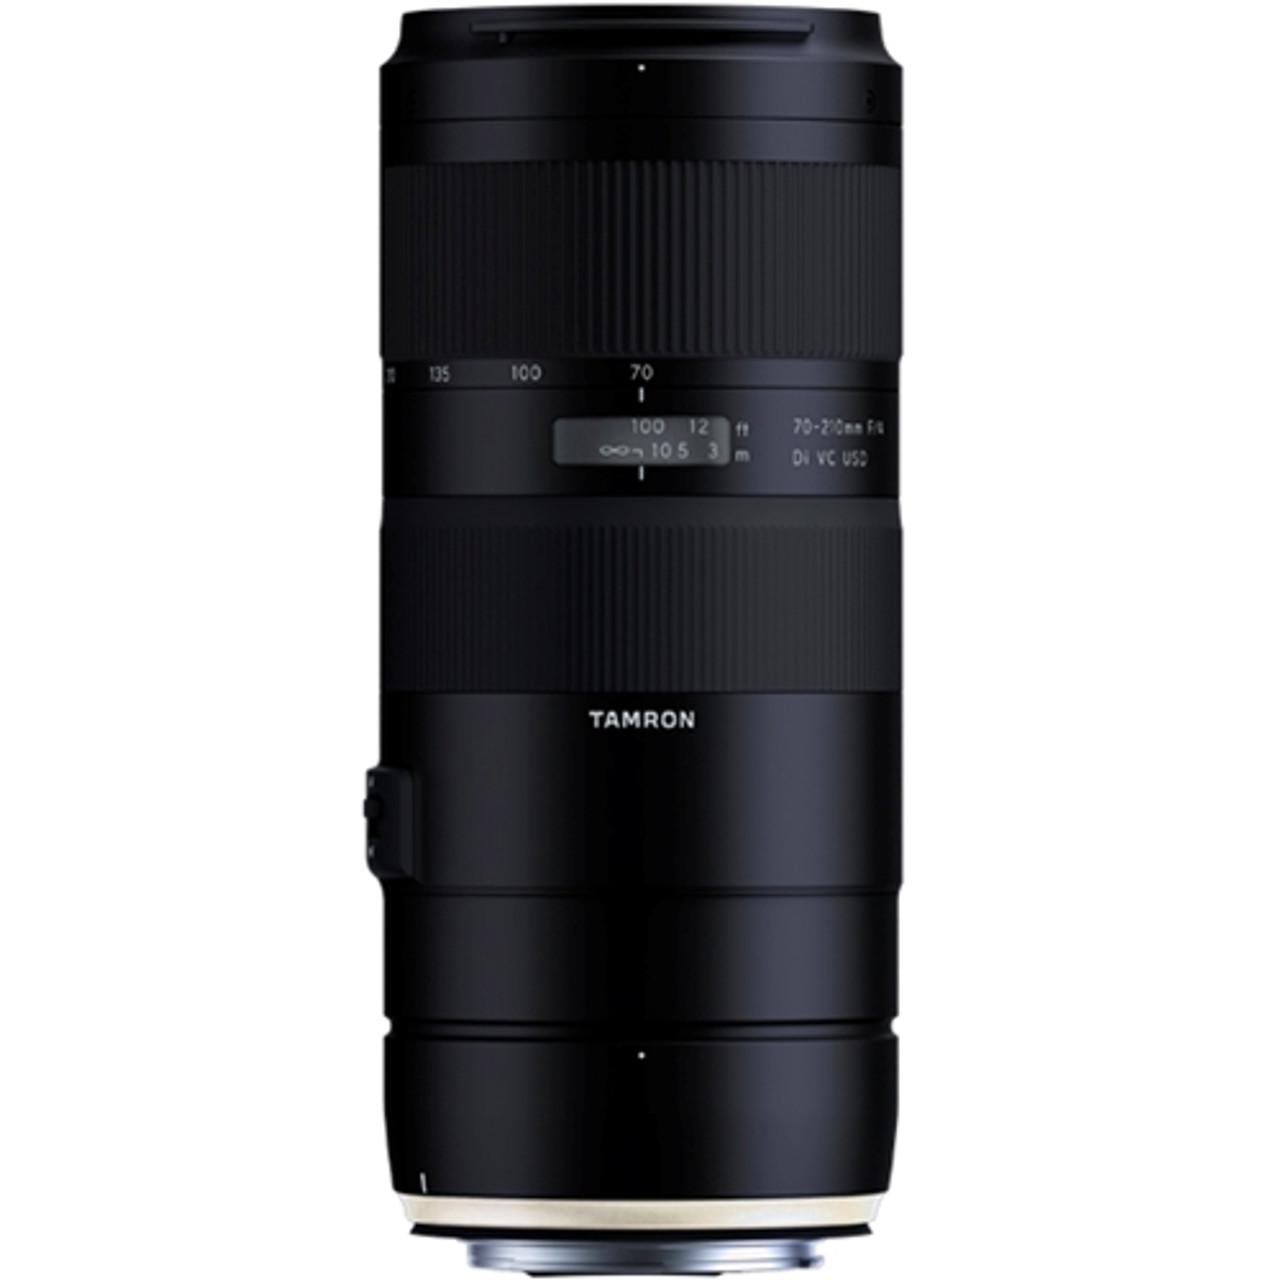 TAMRON  70-210MM F4 DI VC USD (CANON)